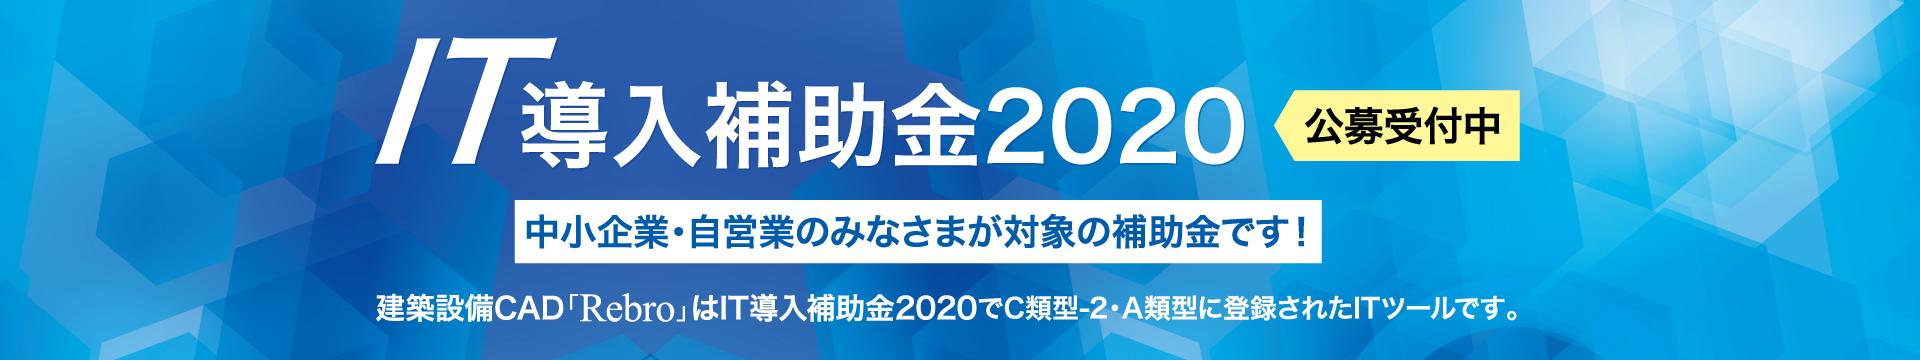 IT導入補助金2020_4次公募